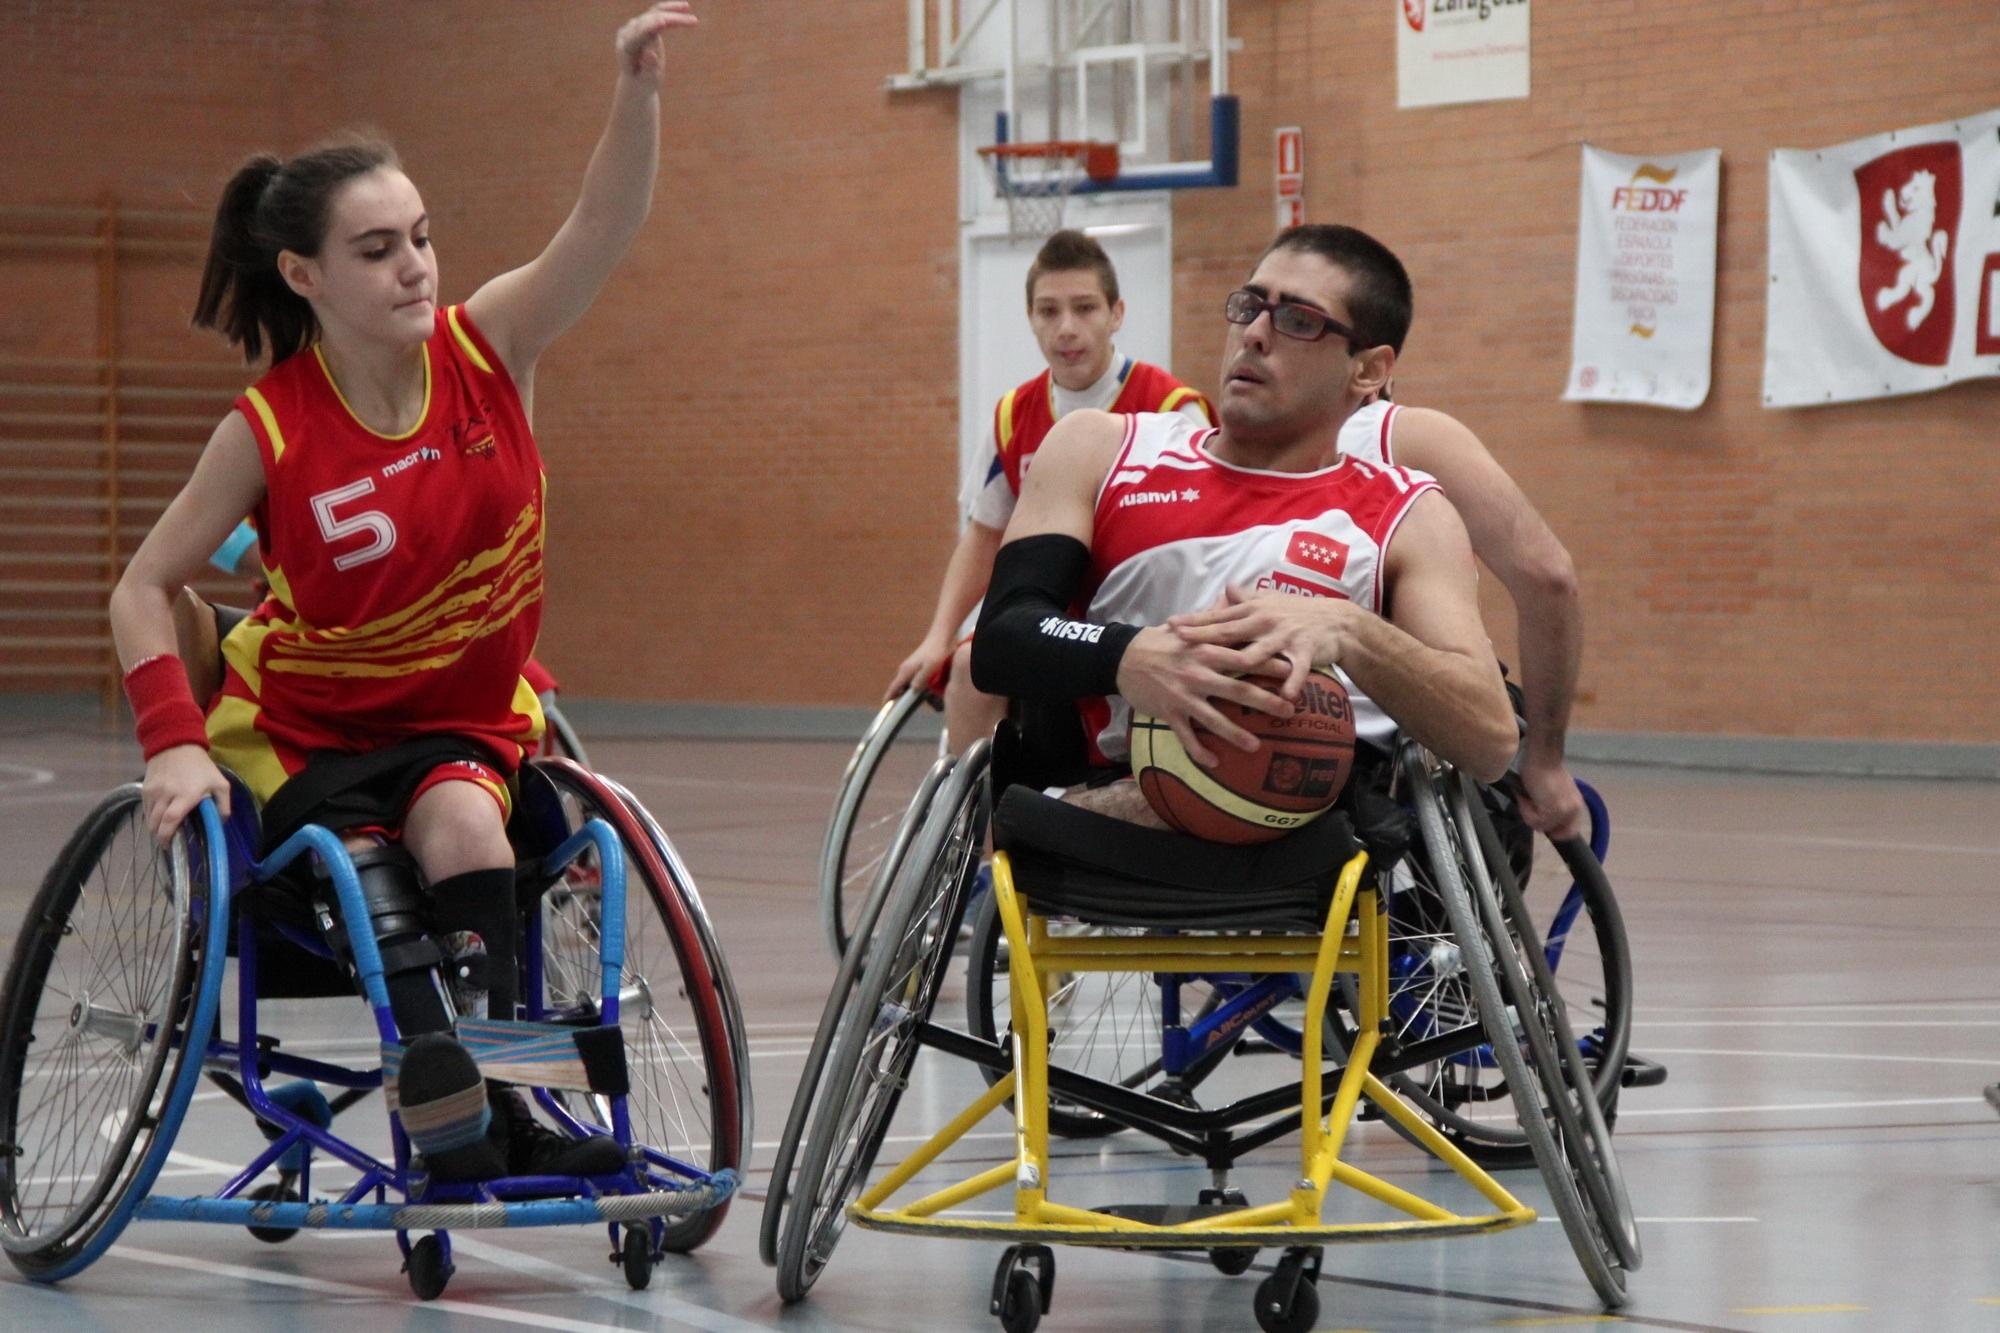 Campeonato de espa a de baloncesto cadete en silla de ruedas avance deportivo - Deportes en silla de ruedas ...